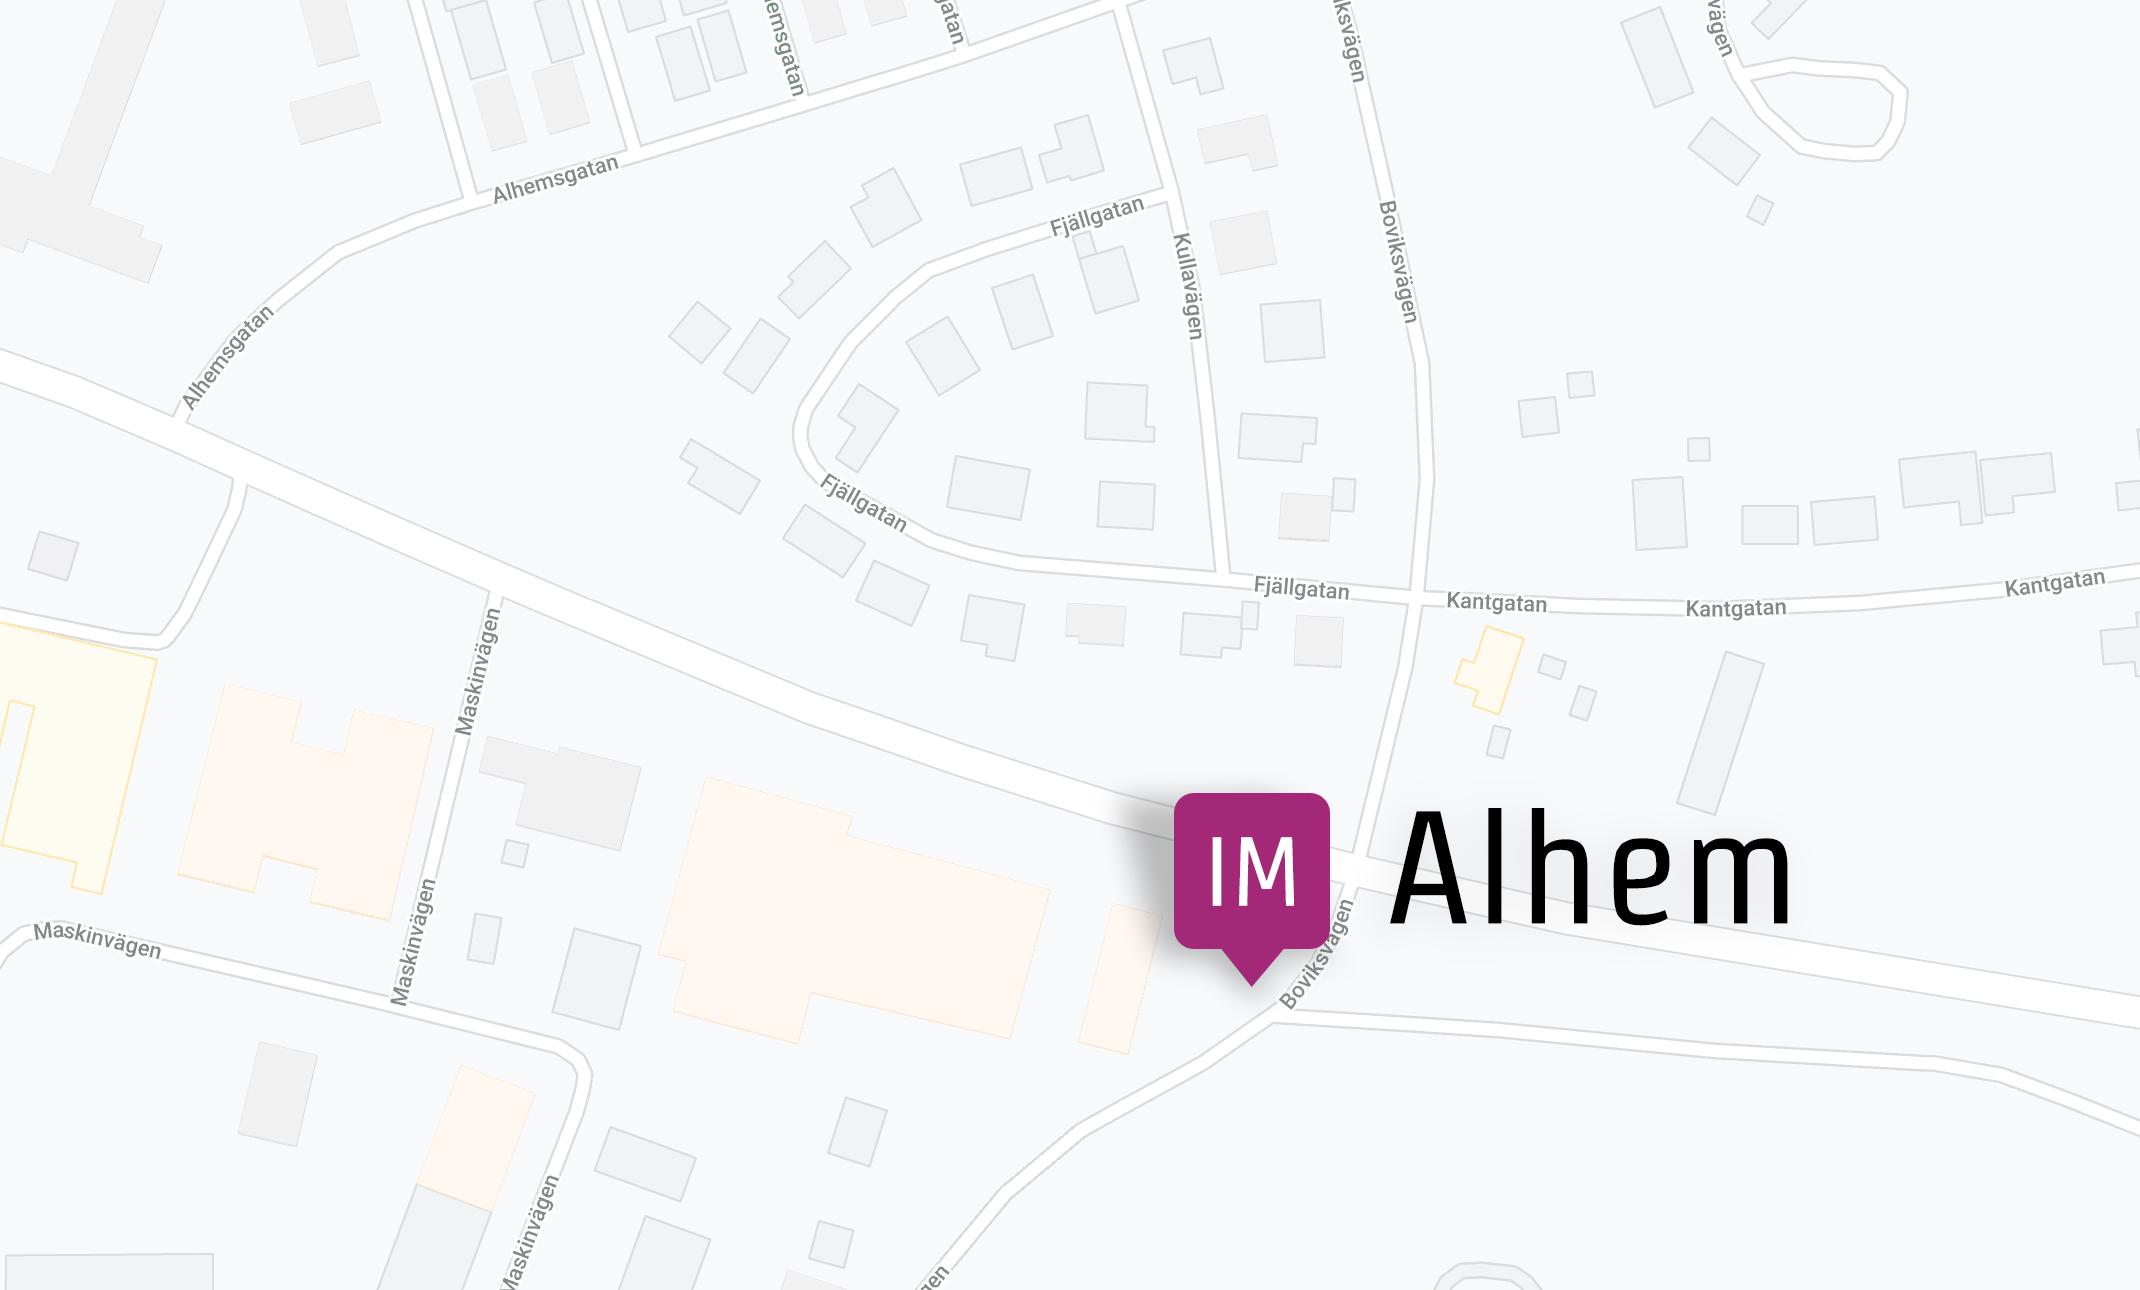 Skellefteå Alhem